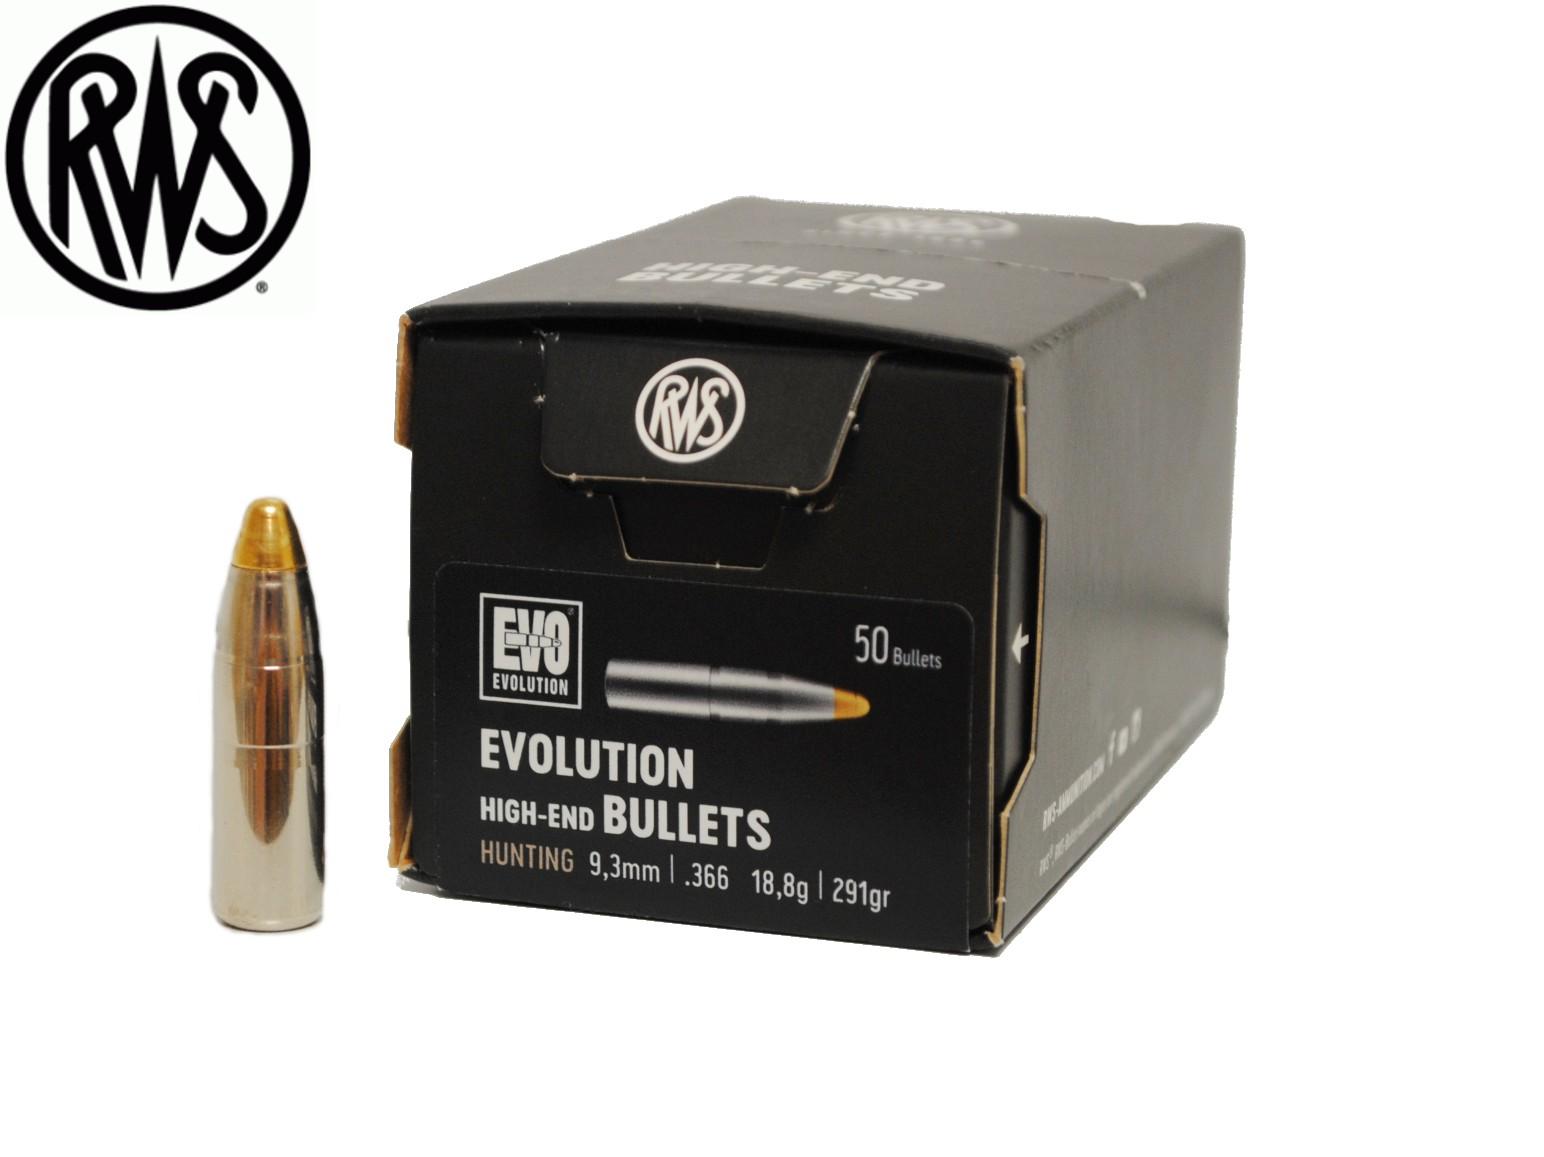 50 ogives RWS EVO calibre 9.3 mm 291 grs R2317412